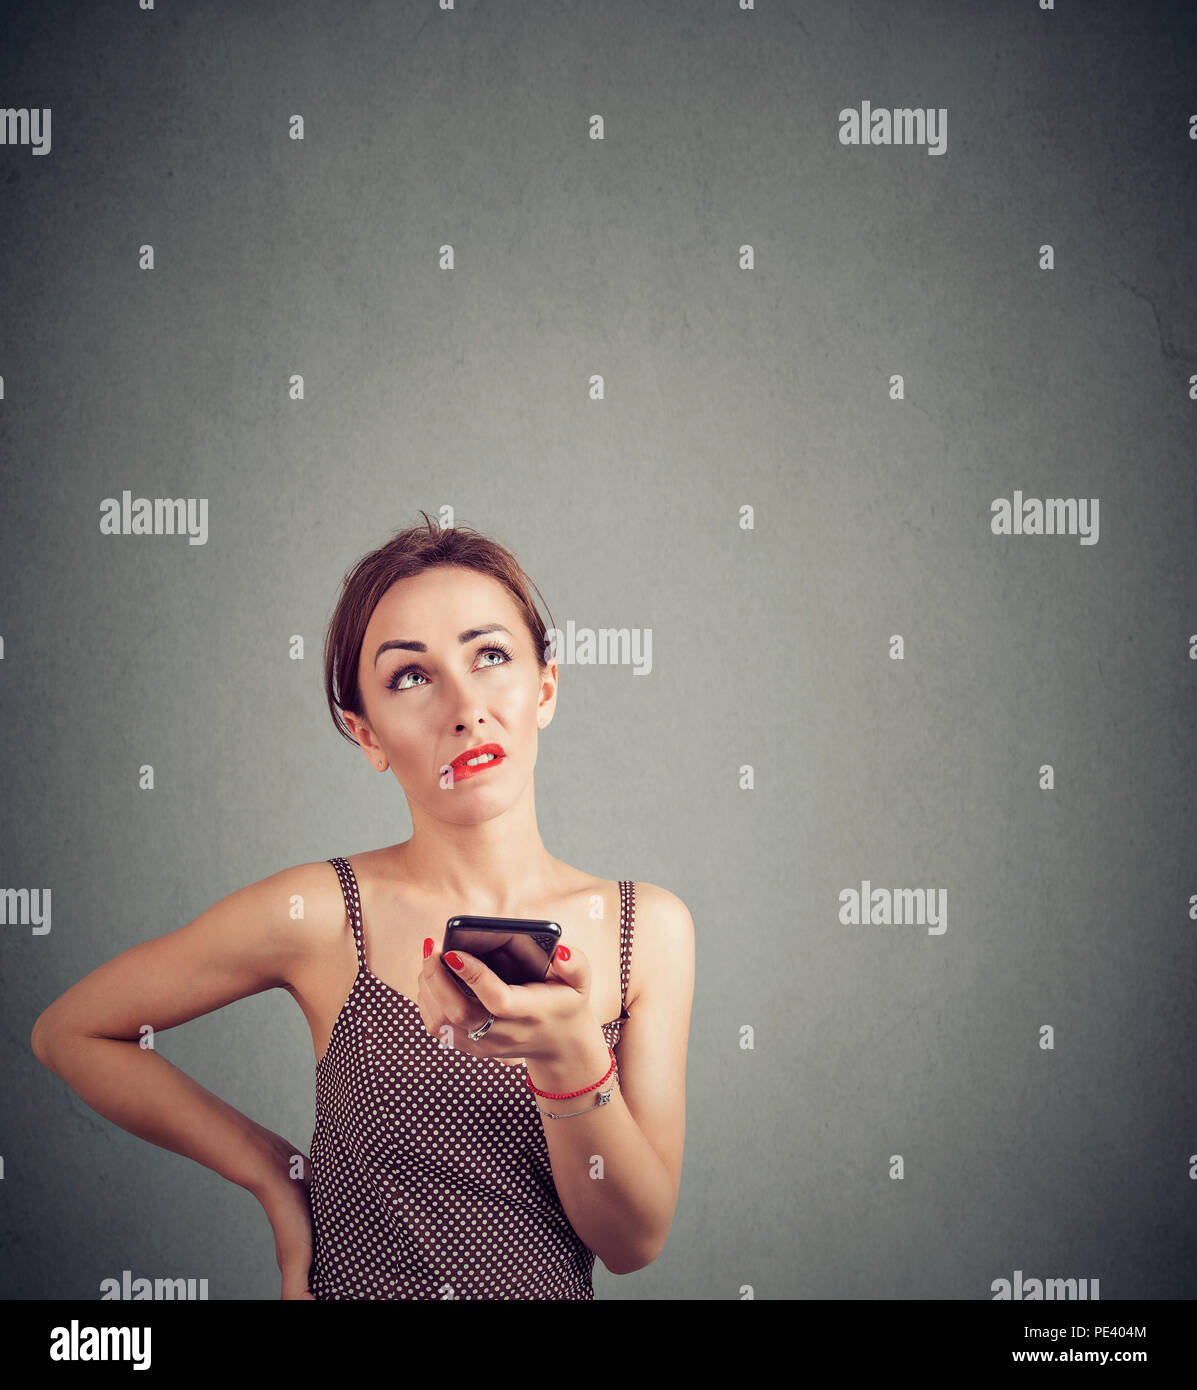 Casual joven mujer haciendo mueca de irritación mientras habla en smartphone y mirando hacia arriba sobre fondo gris Imagen De Stock